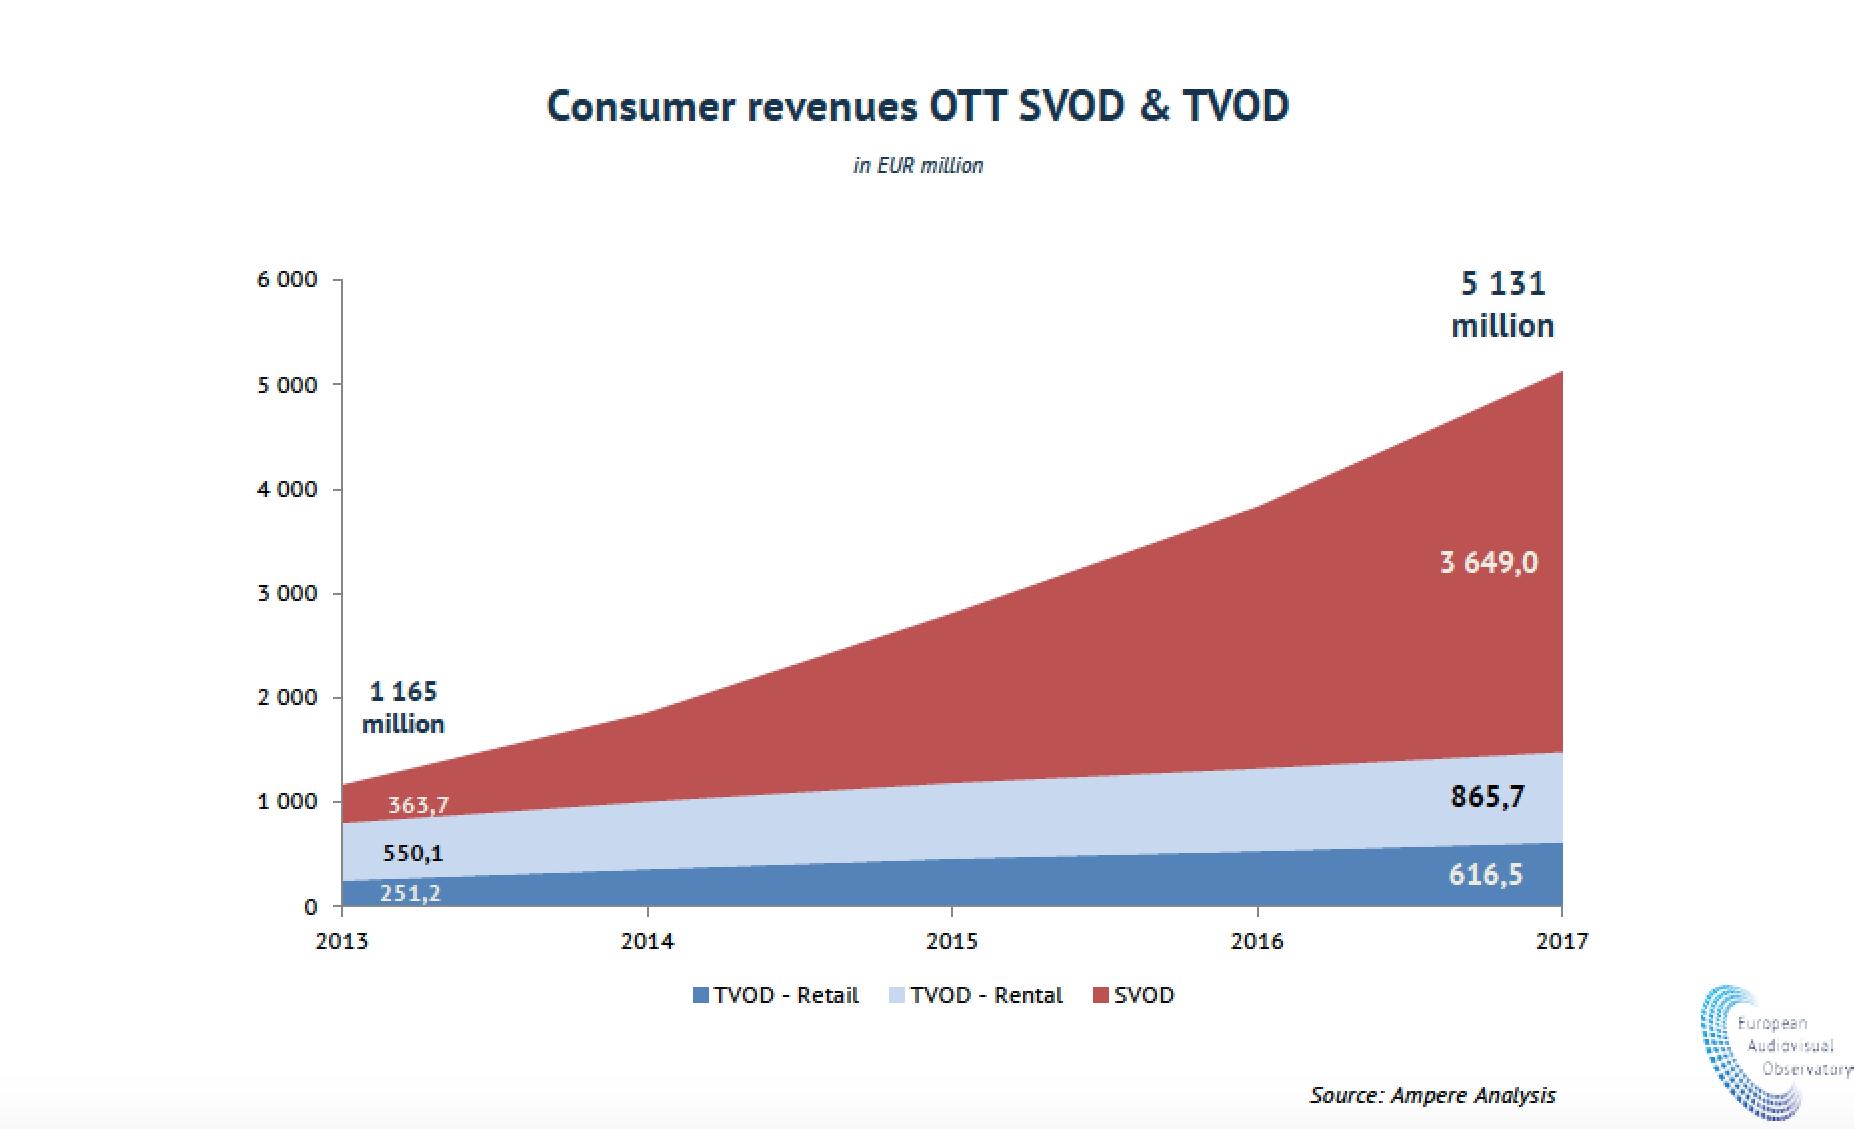 Online filmy generují zatím méně peněz než DVD nebo kina